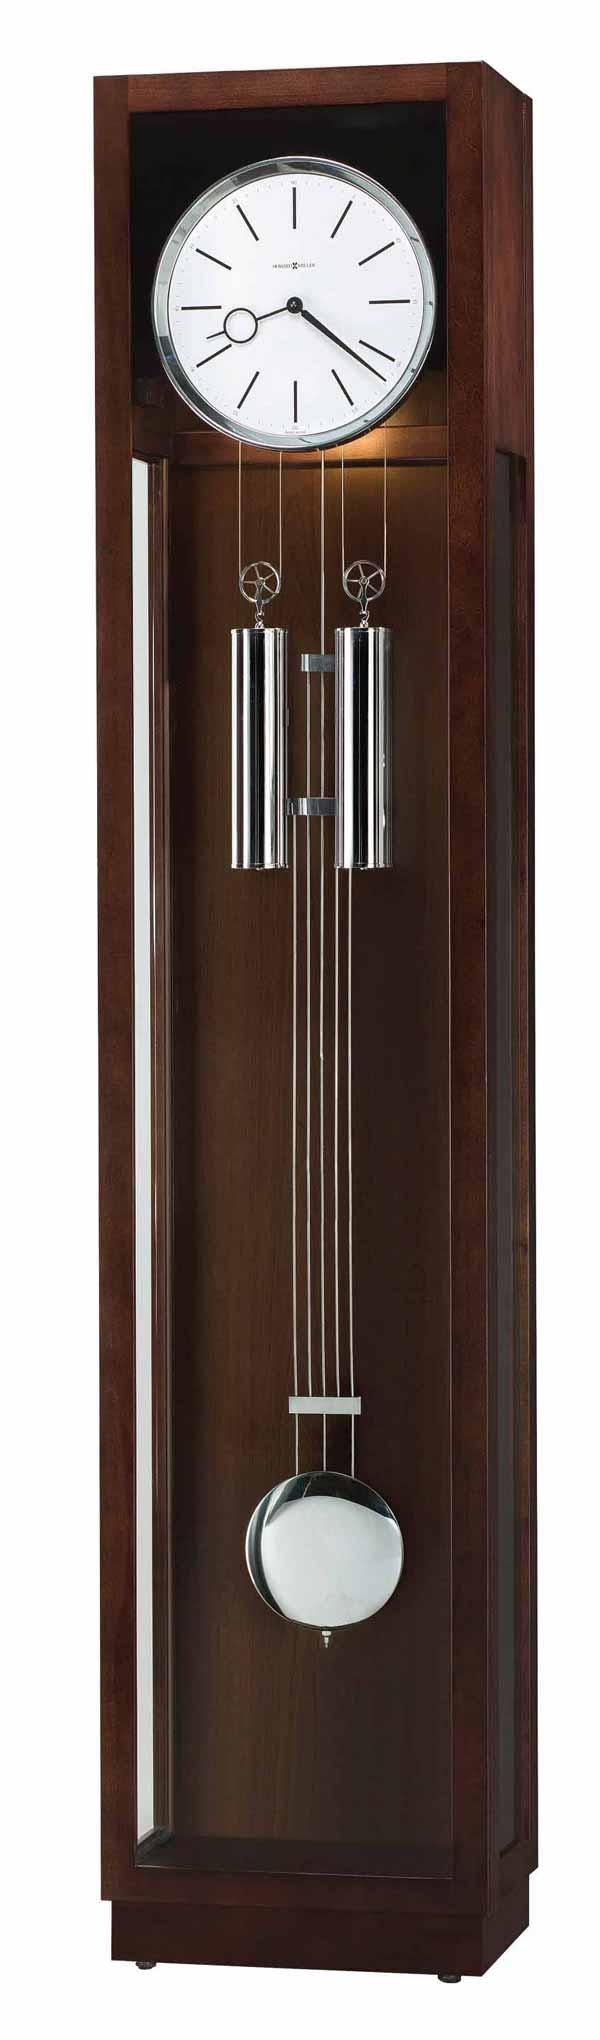 Howard Miller Avalon 611 220 Quartz Floor Clock The